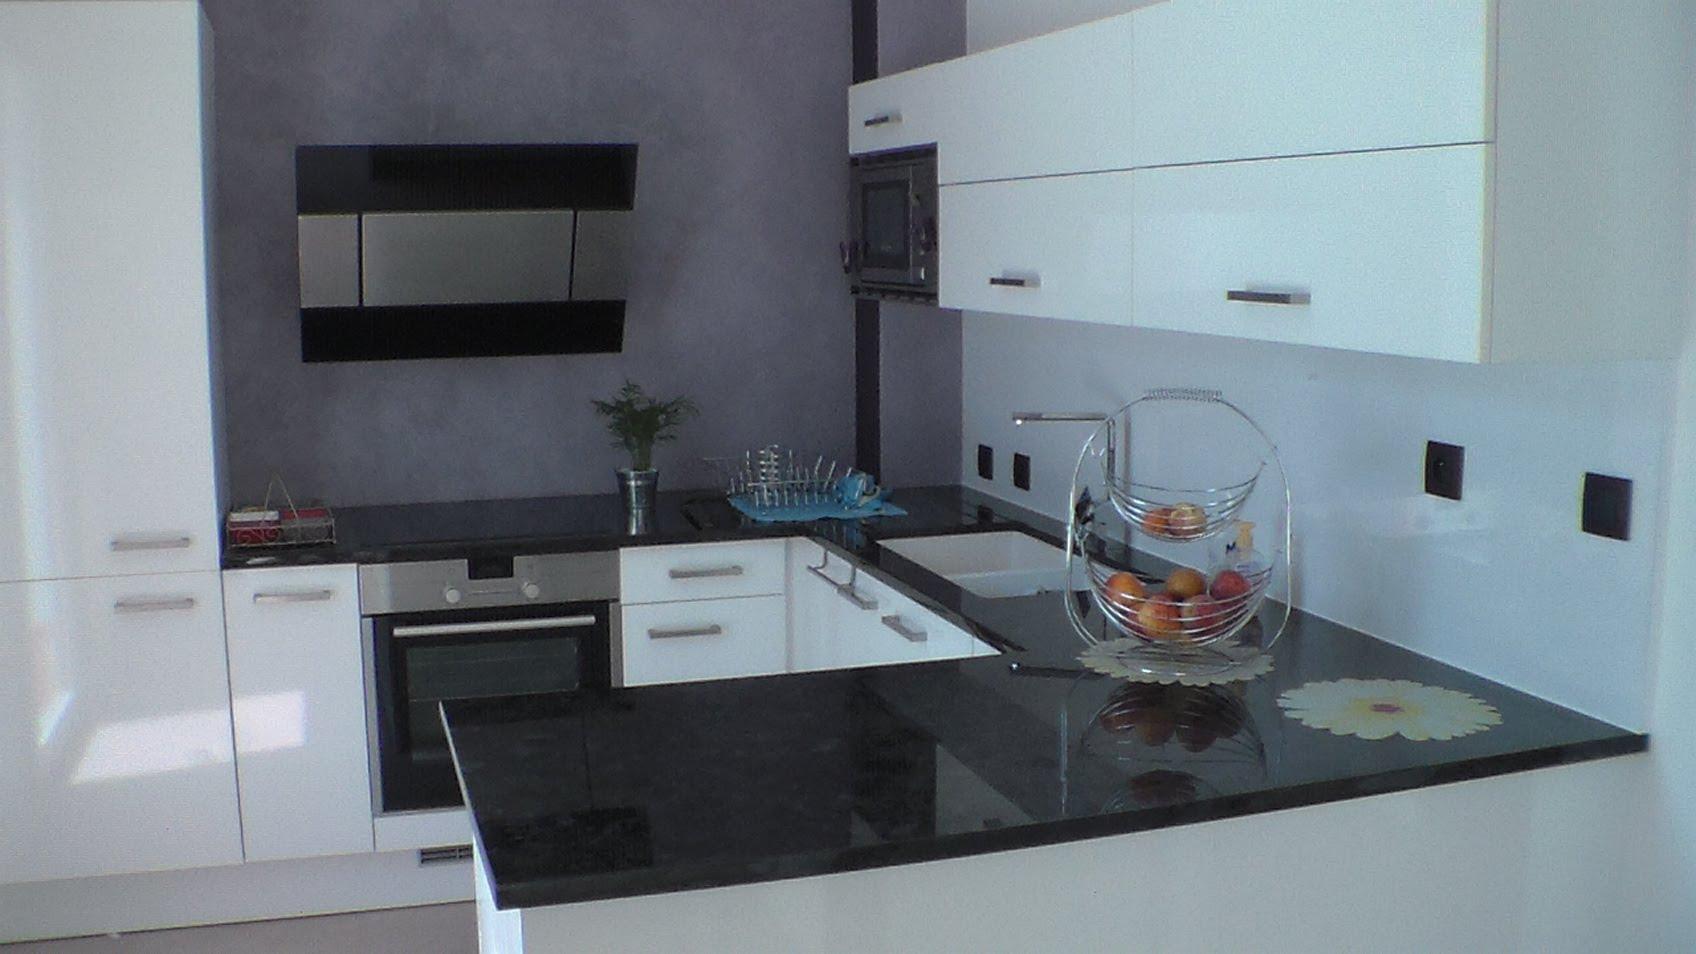 cuisine meubl e pas cher maison et mobilier d 39 int rieur. Black Bedroom Furniture Sets. Home Design Ideas